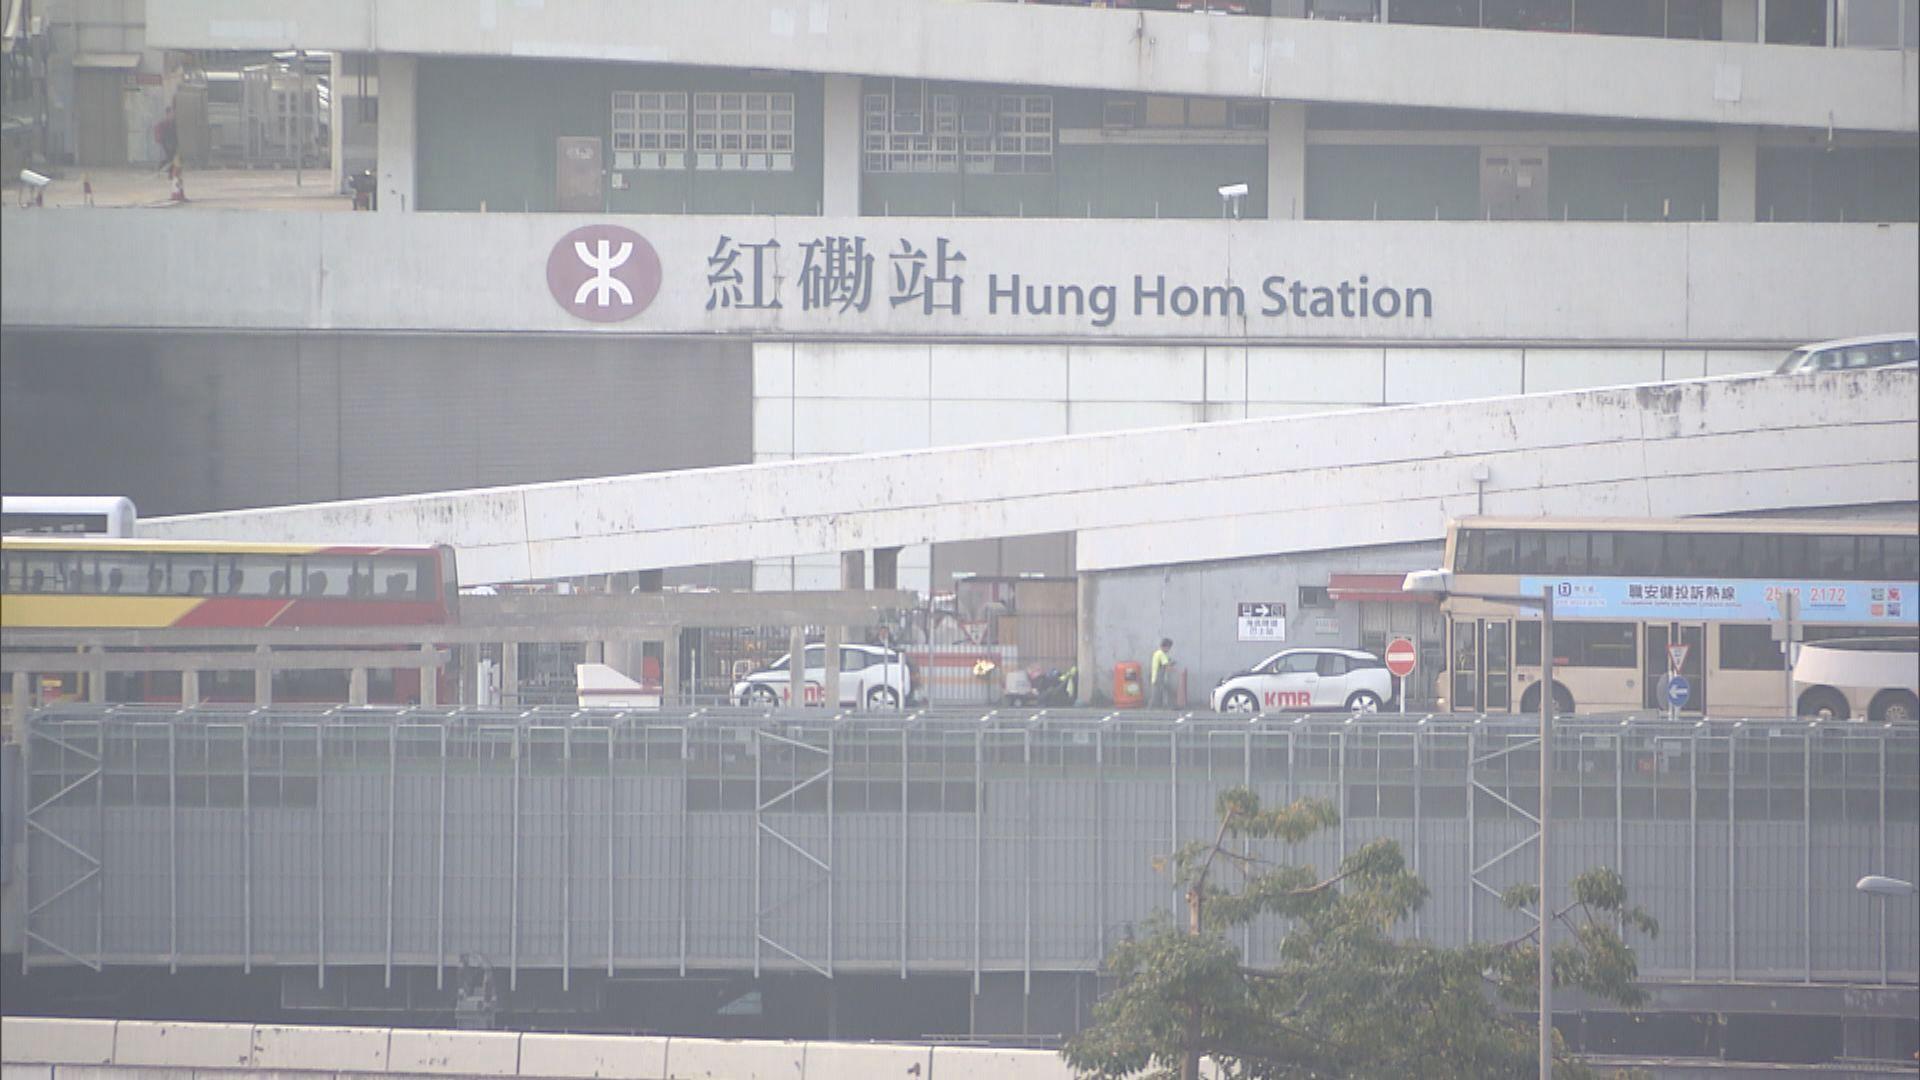 陳帆:已將紅磡站文件缺失事件轉交執法單位